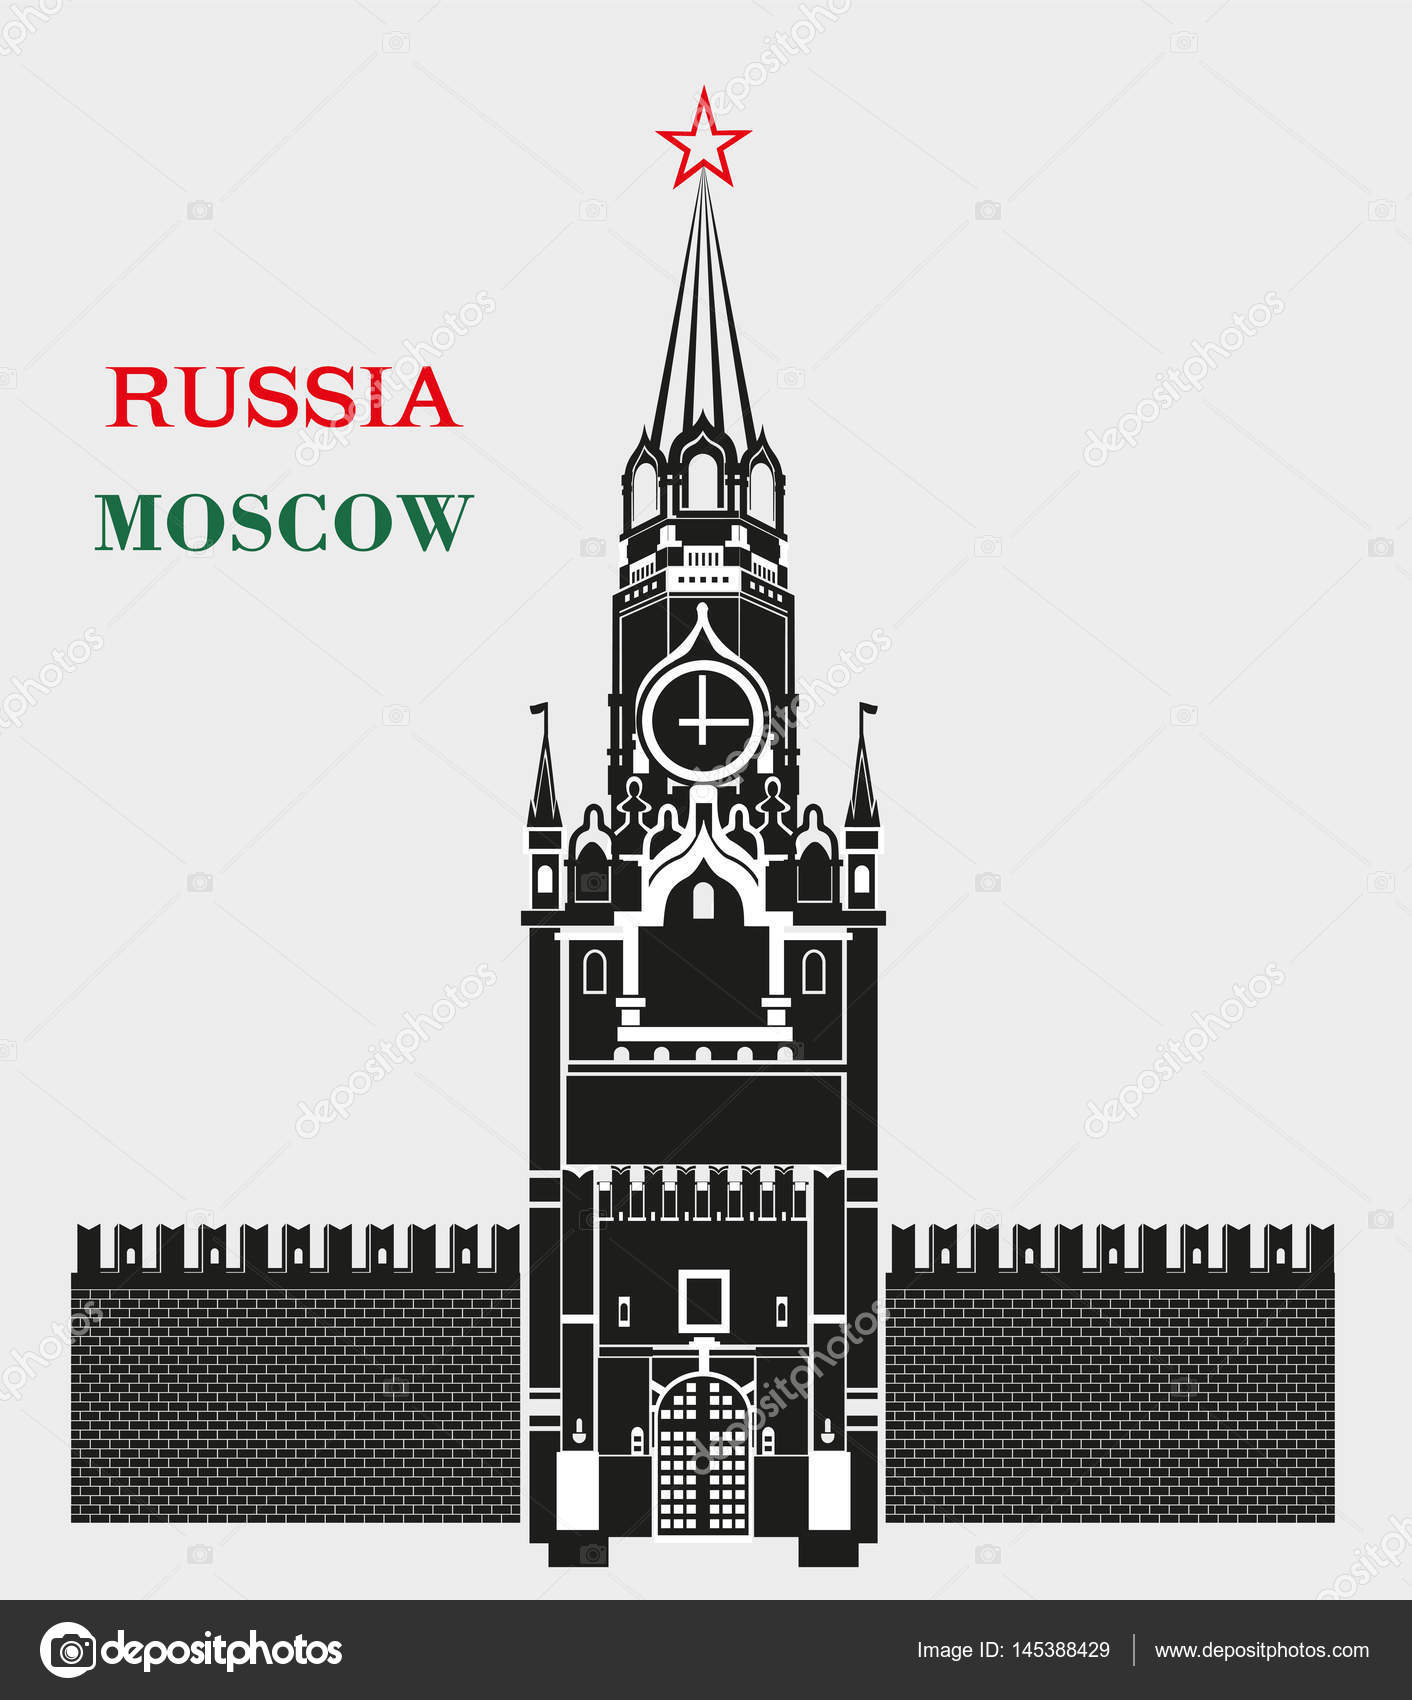 скачать фото кремля